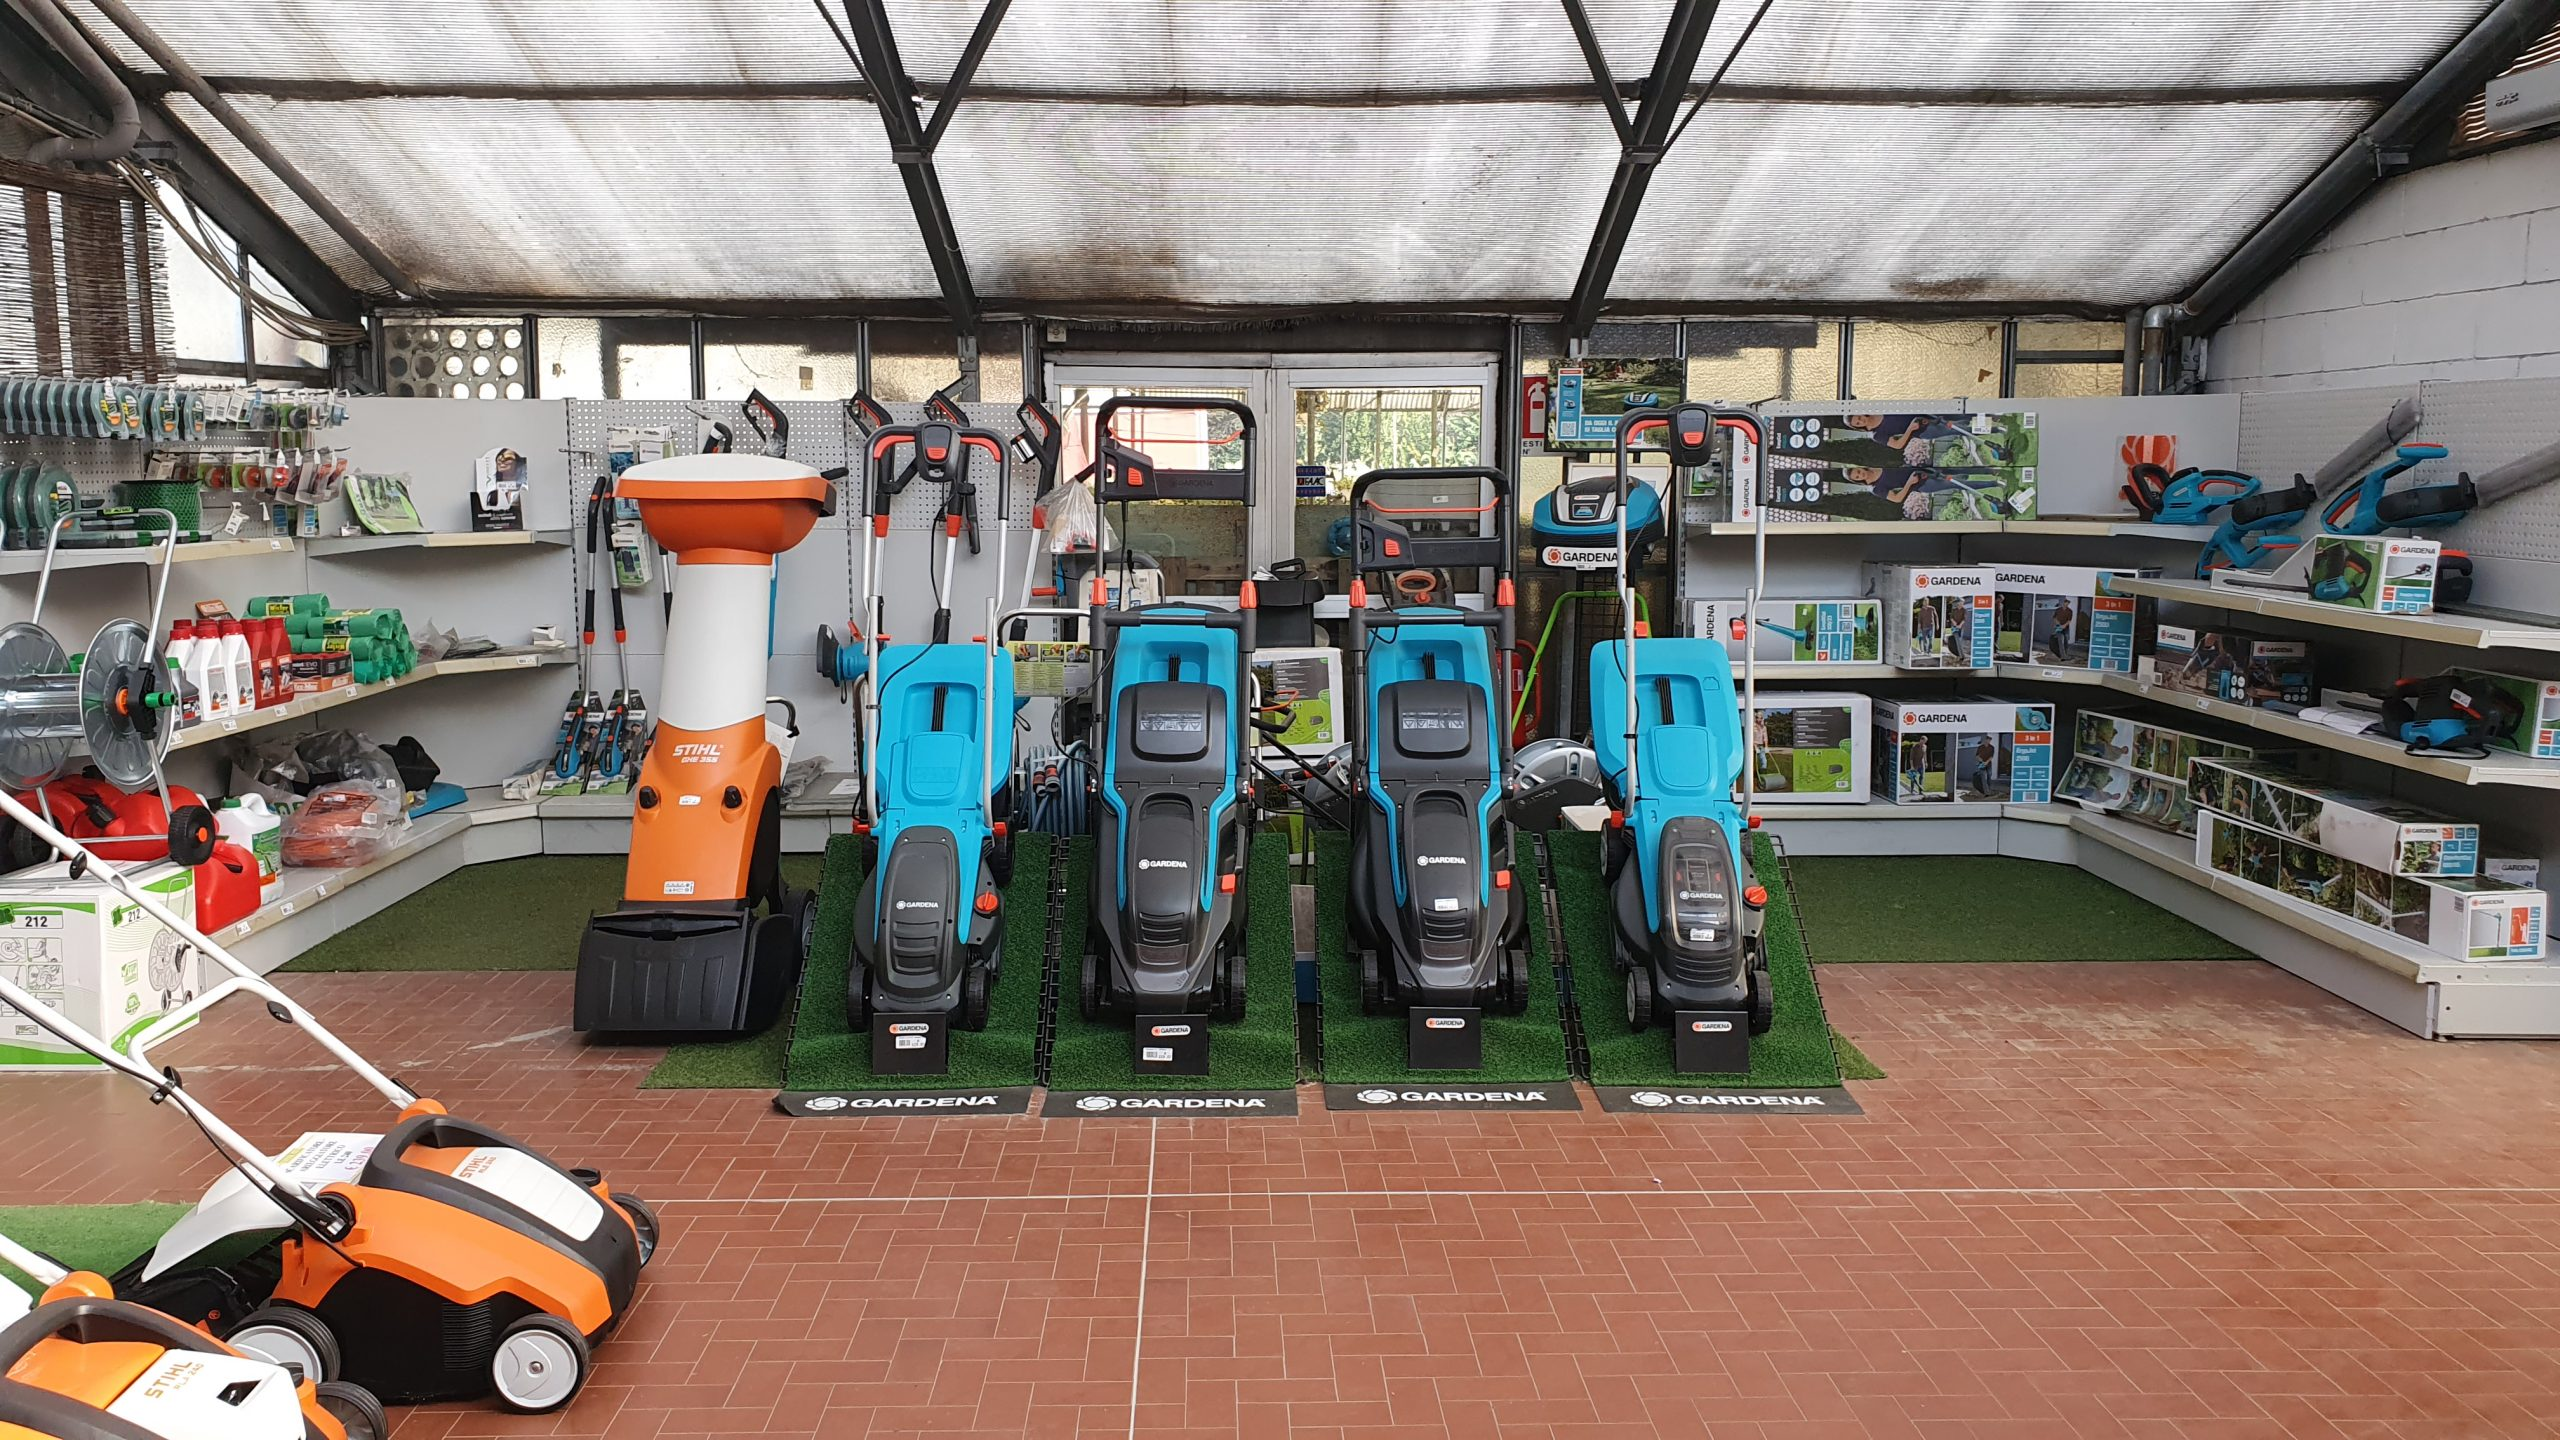 ricambi per piccole macchine agricole e Assistenza tecnica